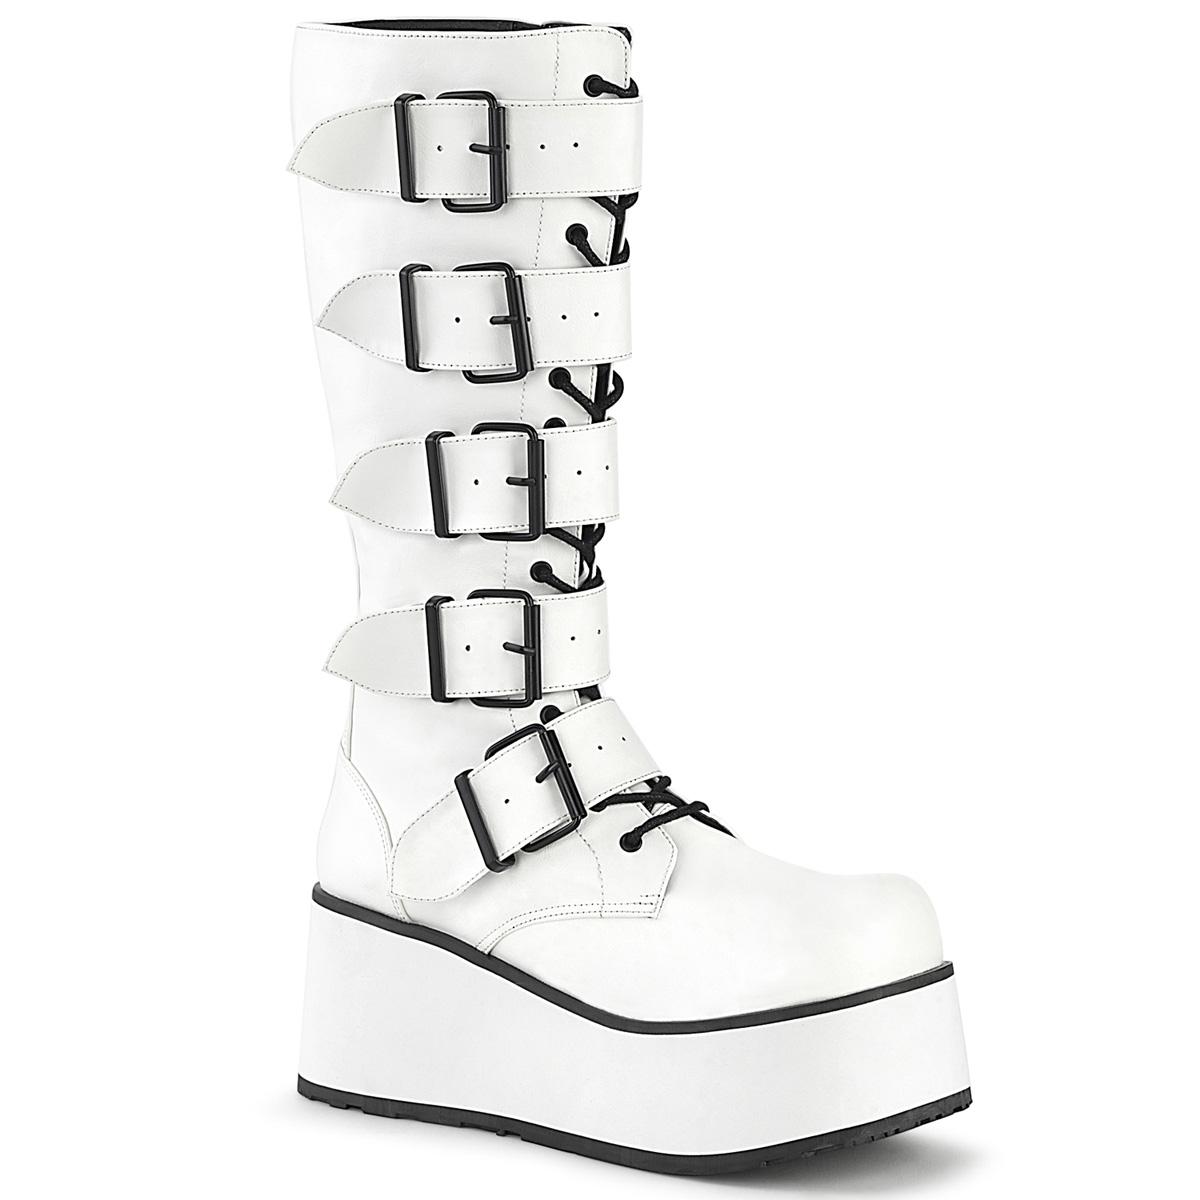 Demonia(デモニア) TRASHVILLE-518 バックルストラップレースアップニーハイブーツ 厚底ブーツ サイドZIP つや消し白 #Men's/Unisex◆取り寄せ